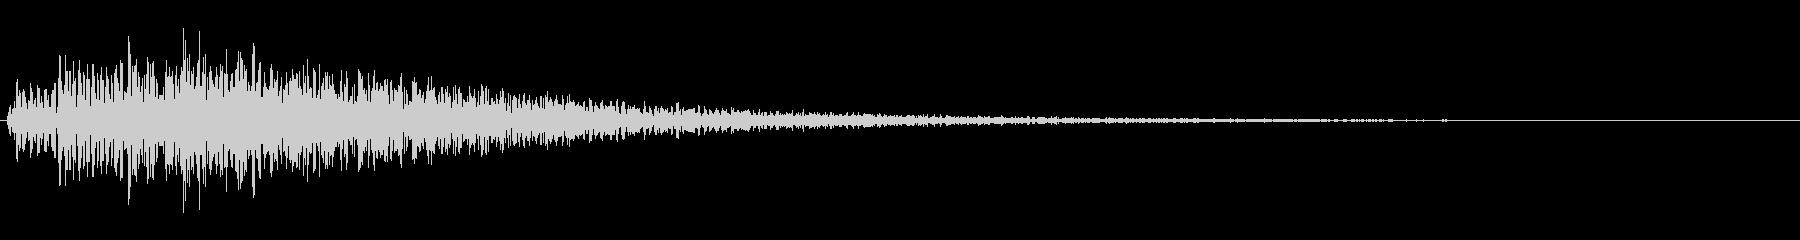 操作音 シンセサイザー ジャラーンの未再生の波形